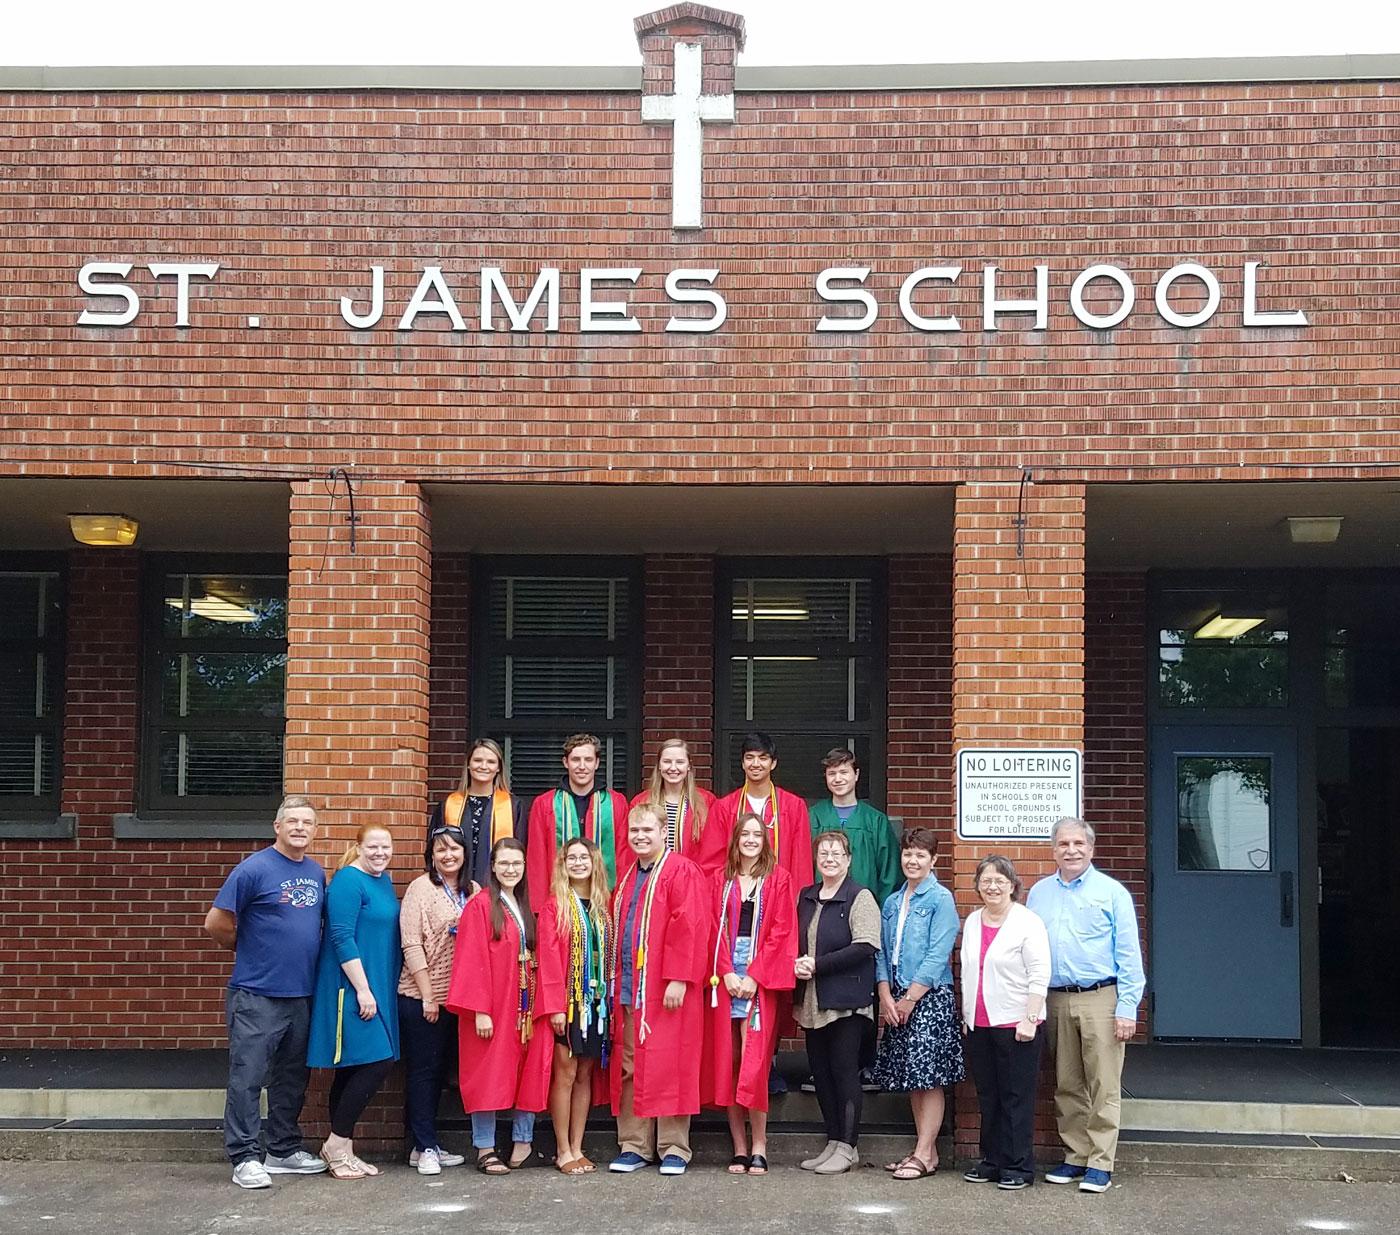 st james school hs graduates staff 2019